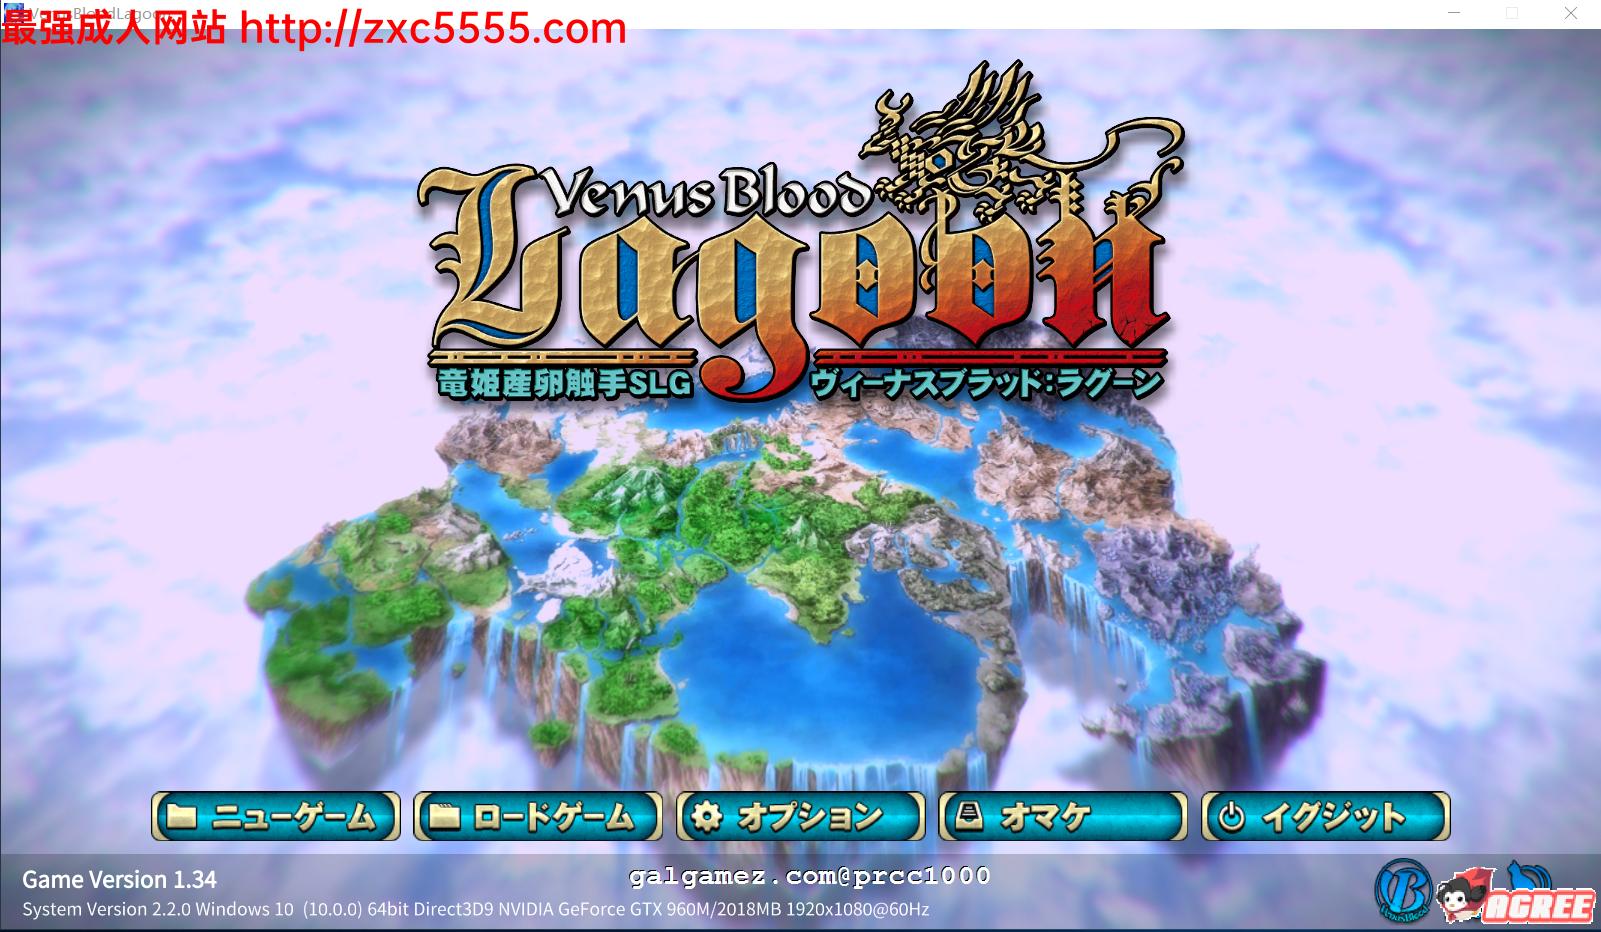 【大型SLG/汉化】龙姬下蛋触手SLG!VenusBlood:LagoonV1.34汉化版【3G】